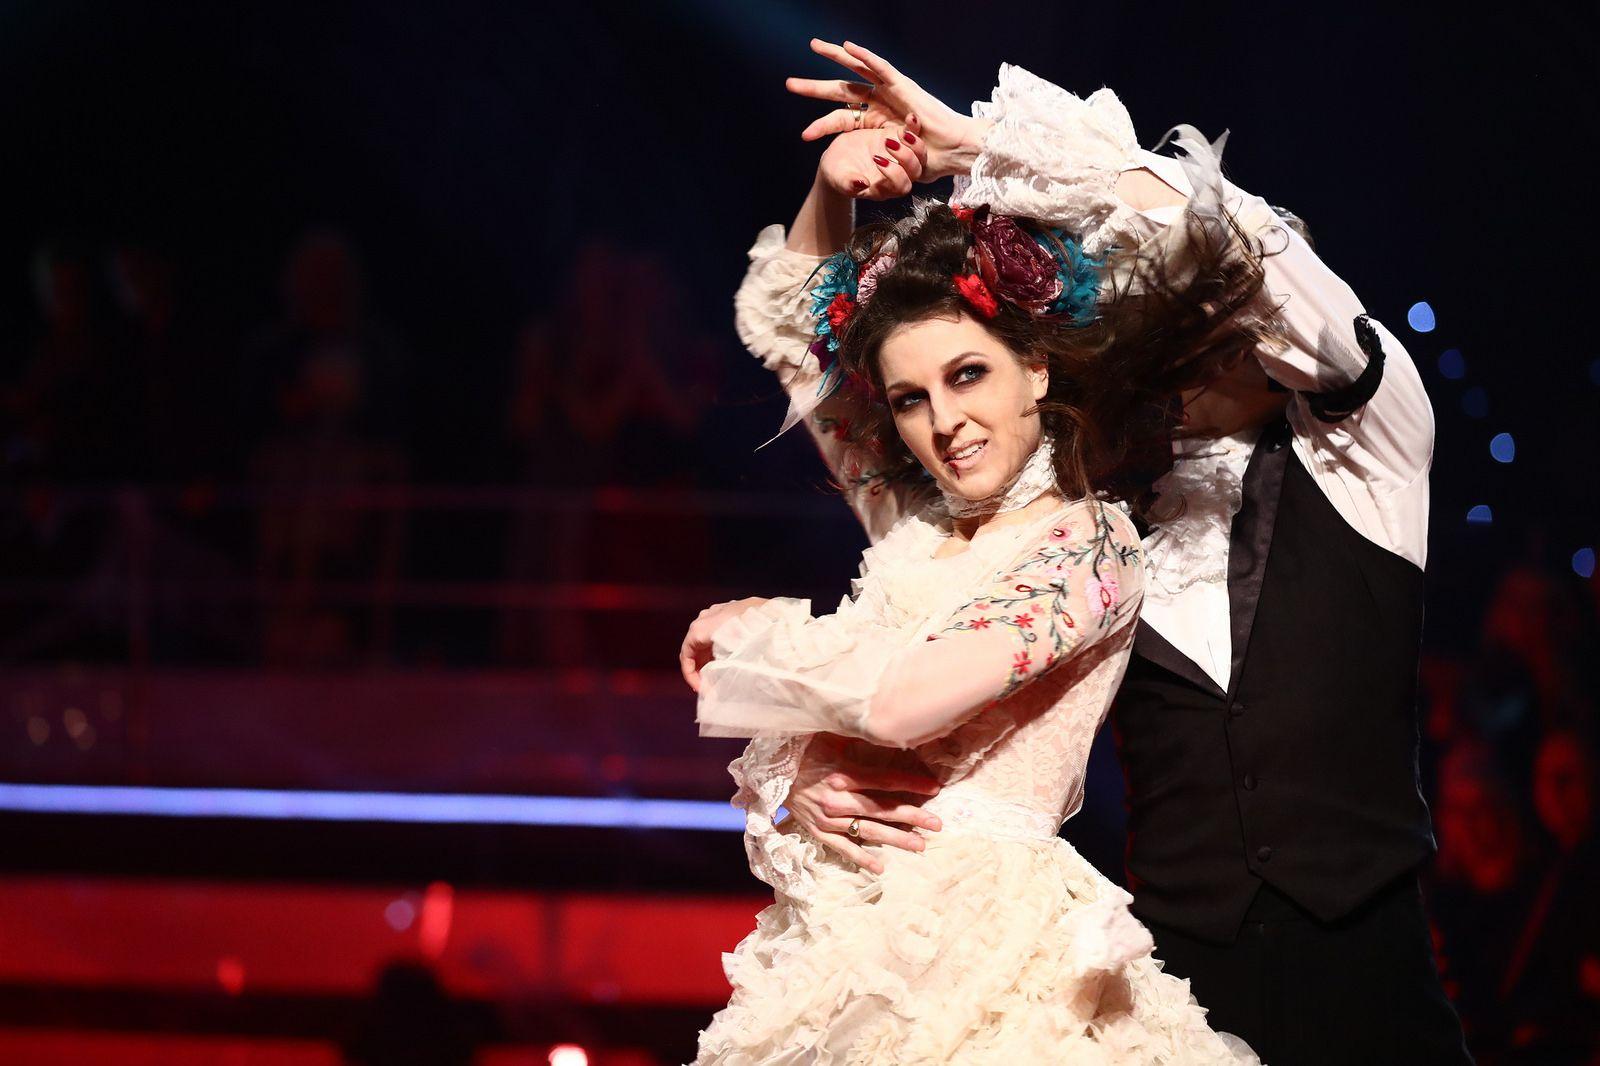 RØK UT: Etter en dramatisk dansekveld med haloween-tema ble det klart at Ida røk ut, selv om hun fikk flest dommerpoeng.